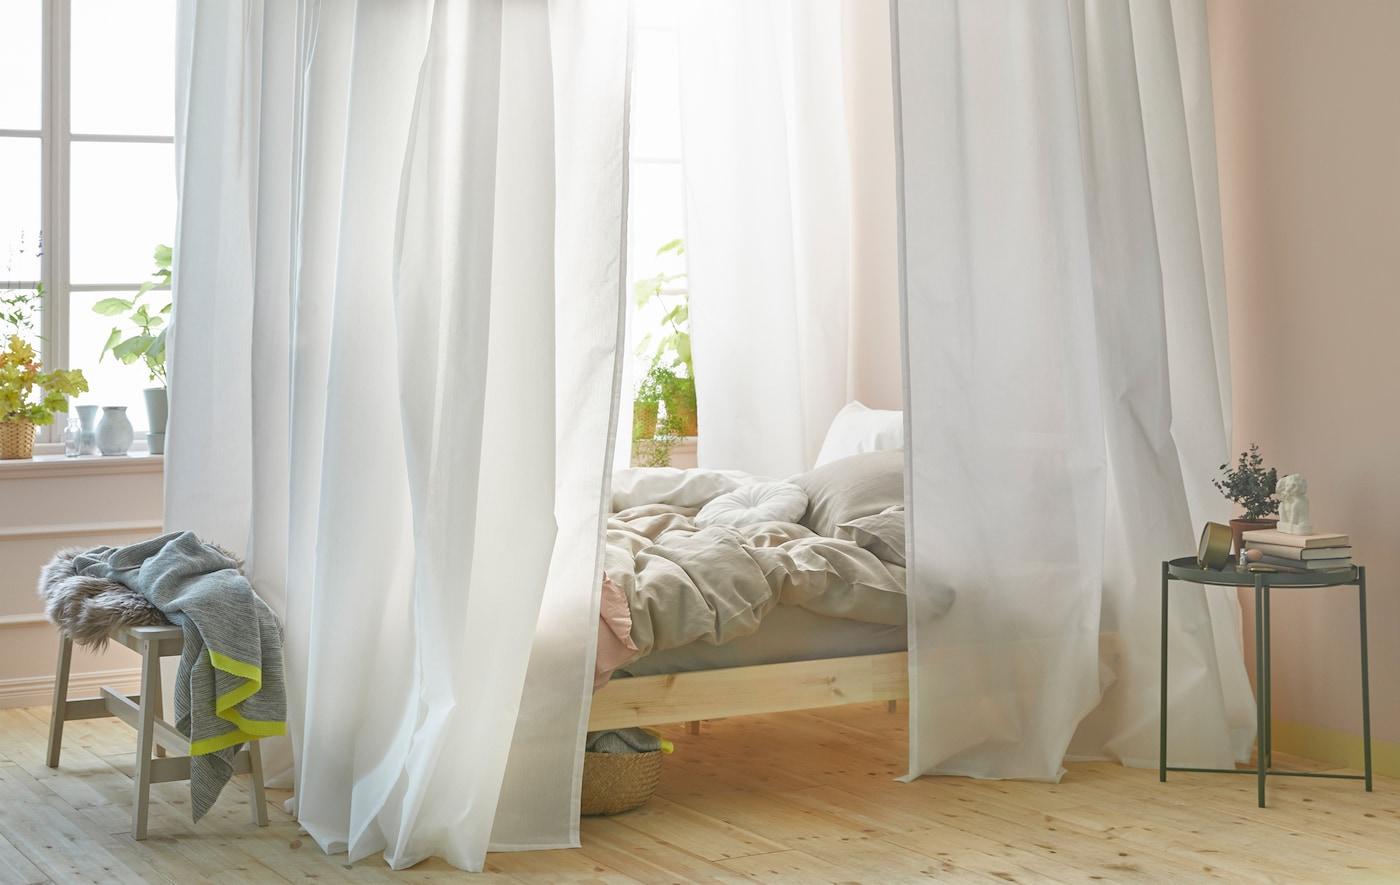 Erholungskokon um ein Bett mit fallendem VIVAN Gardinenschal in Weiß in Naturfarbenem Schlafzimmer